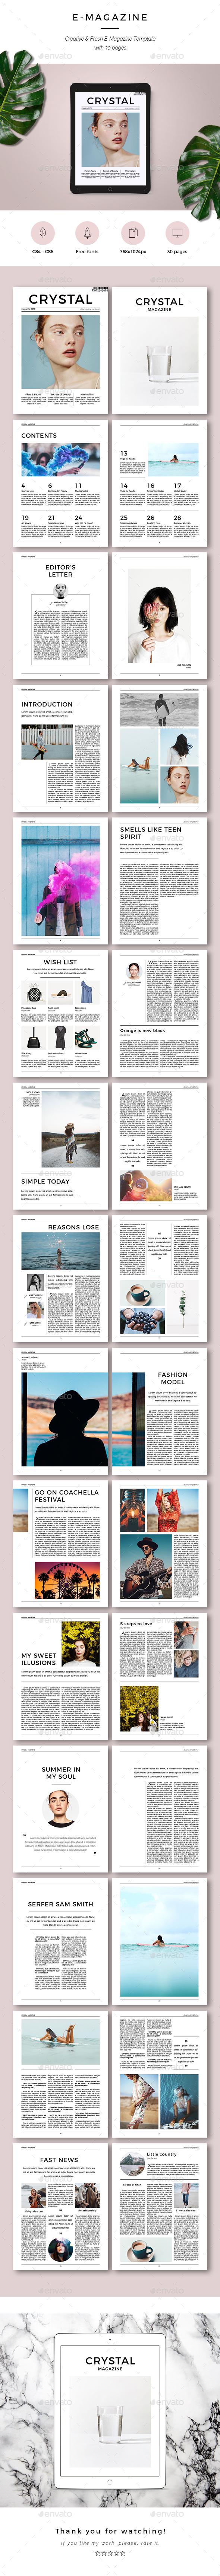 Crystal E-Magazine - Digital Magazines ePublishing